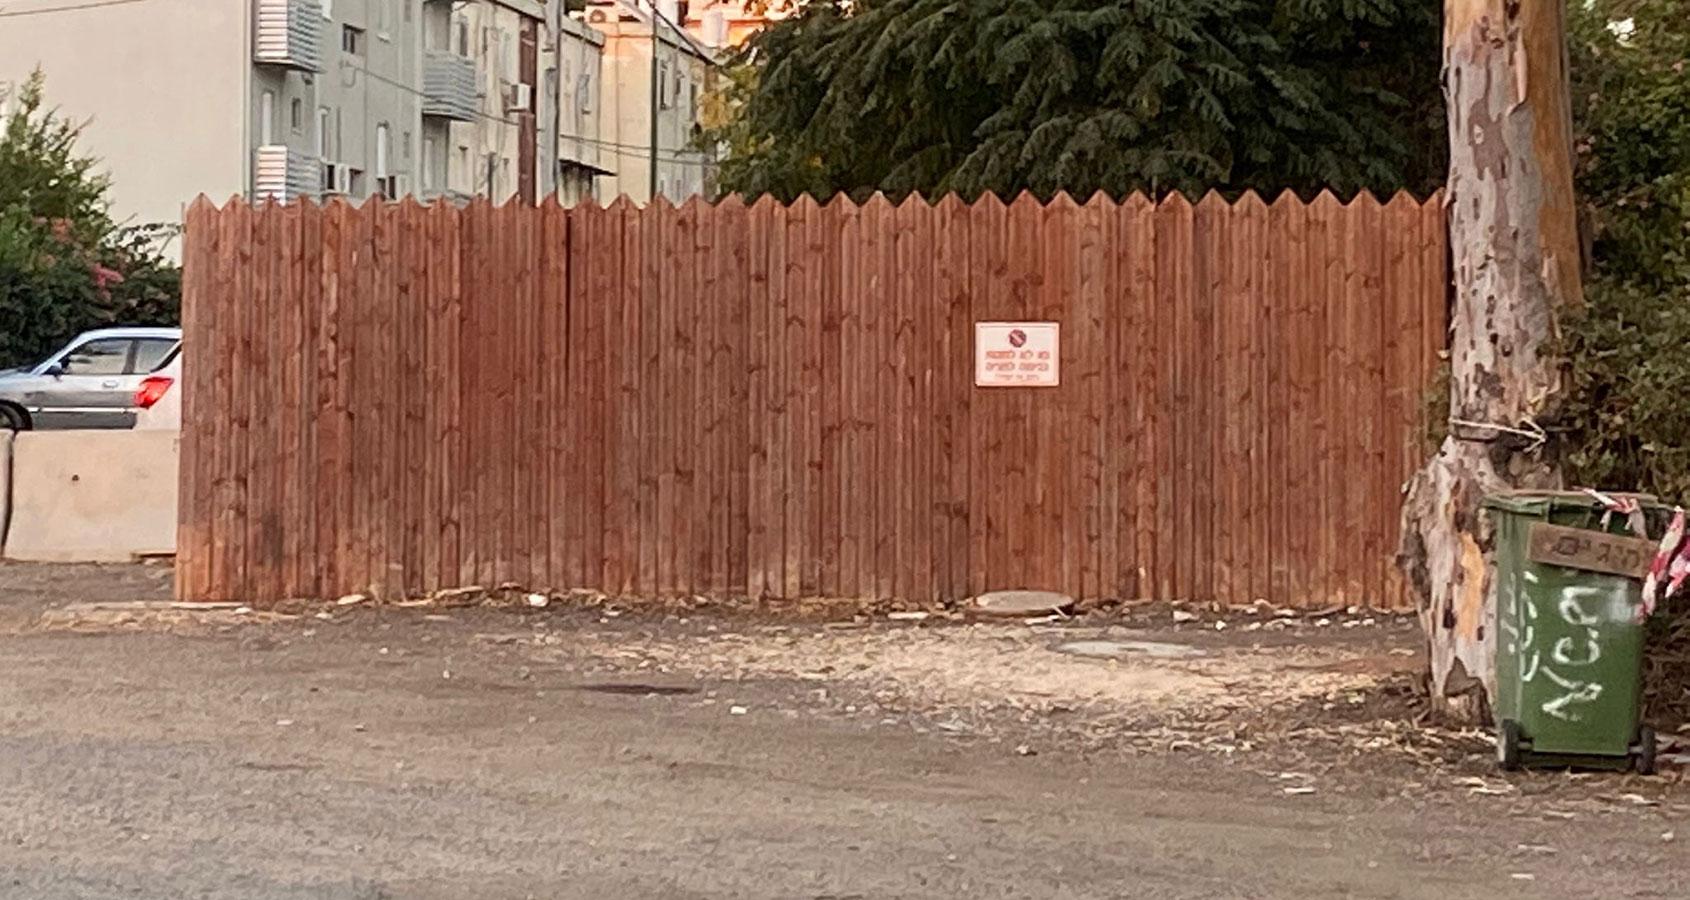 אזור ריכוז אשפה בשכונת יד התשעה הרצליה